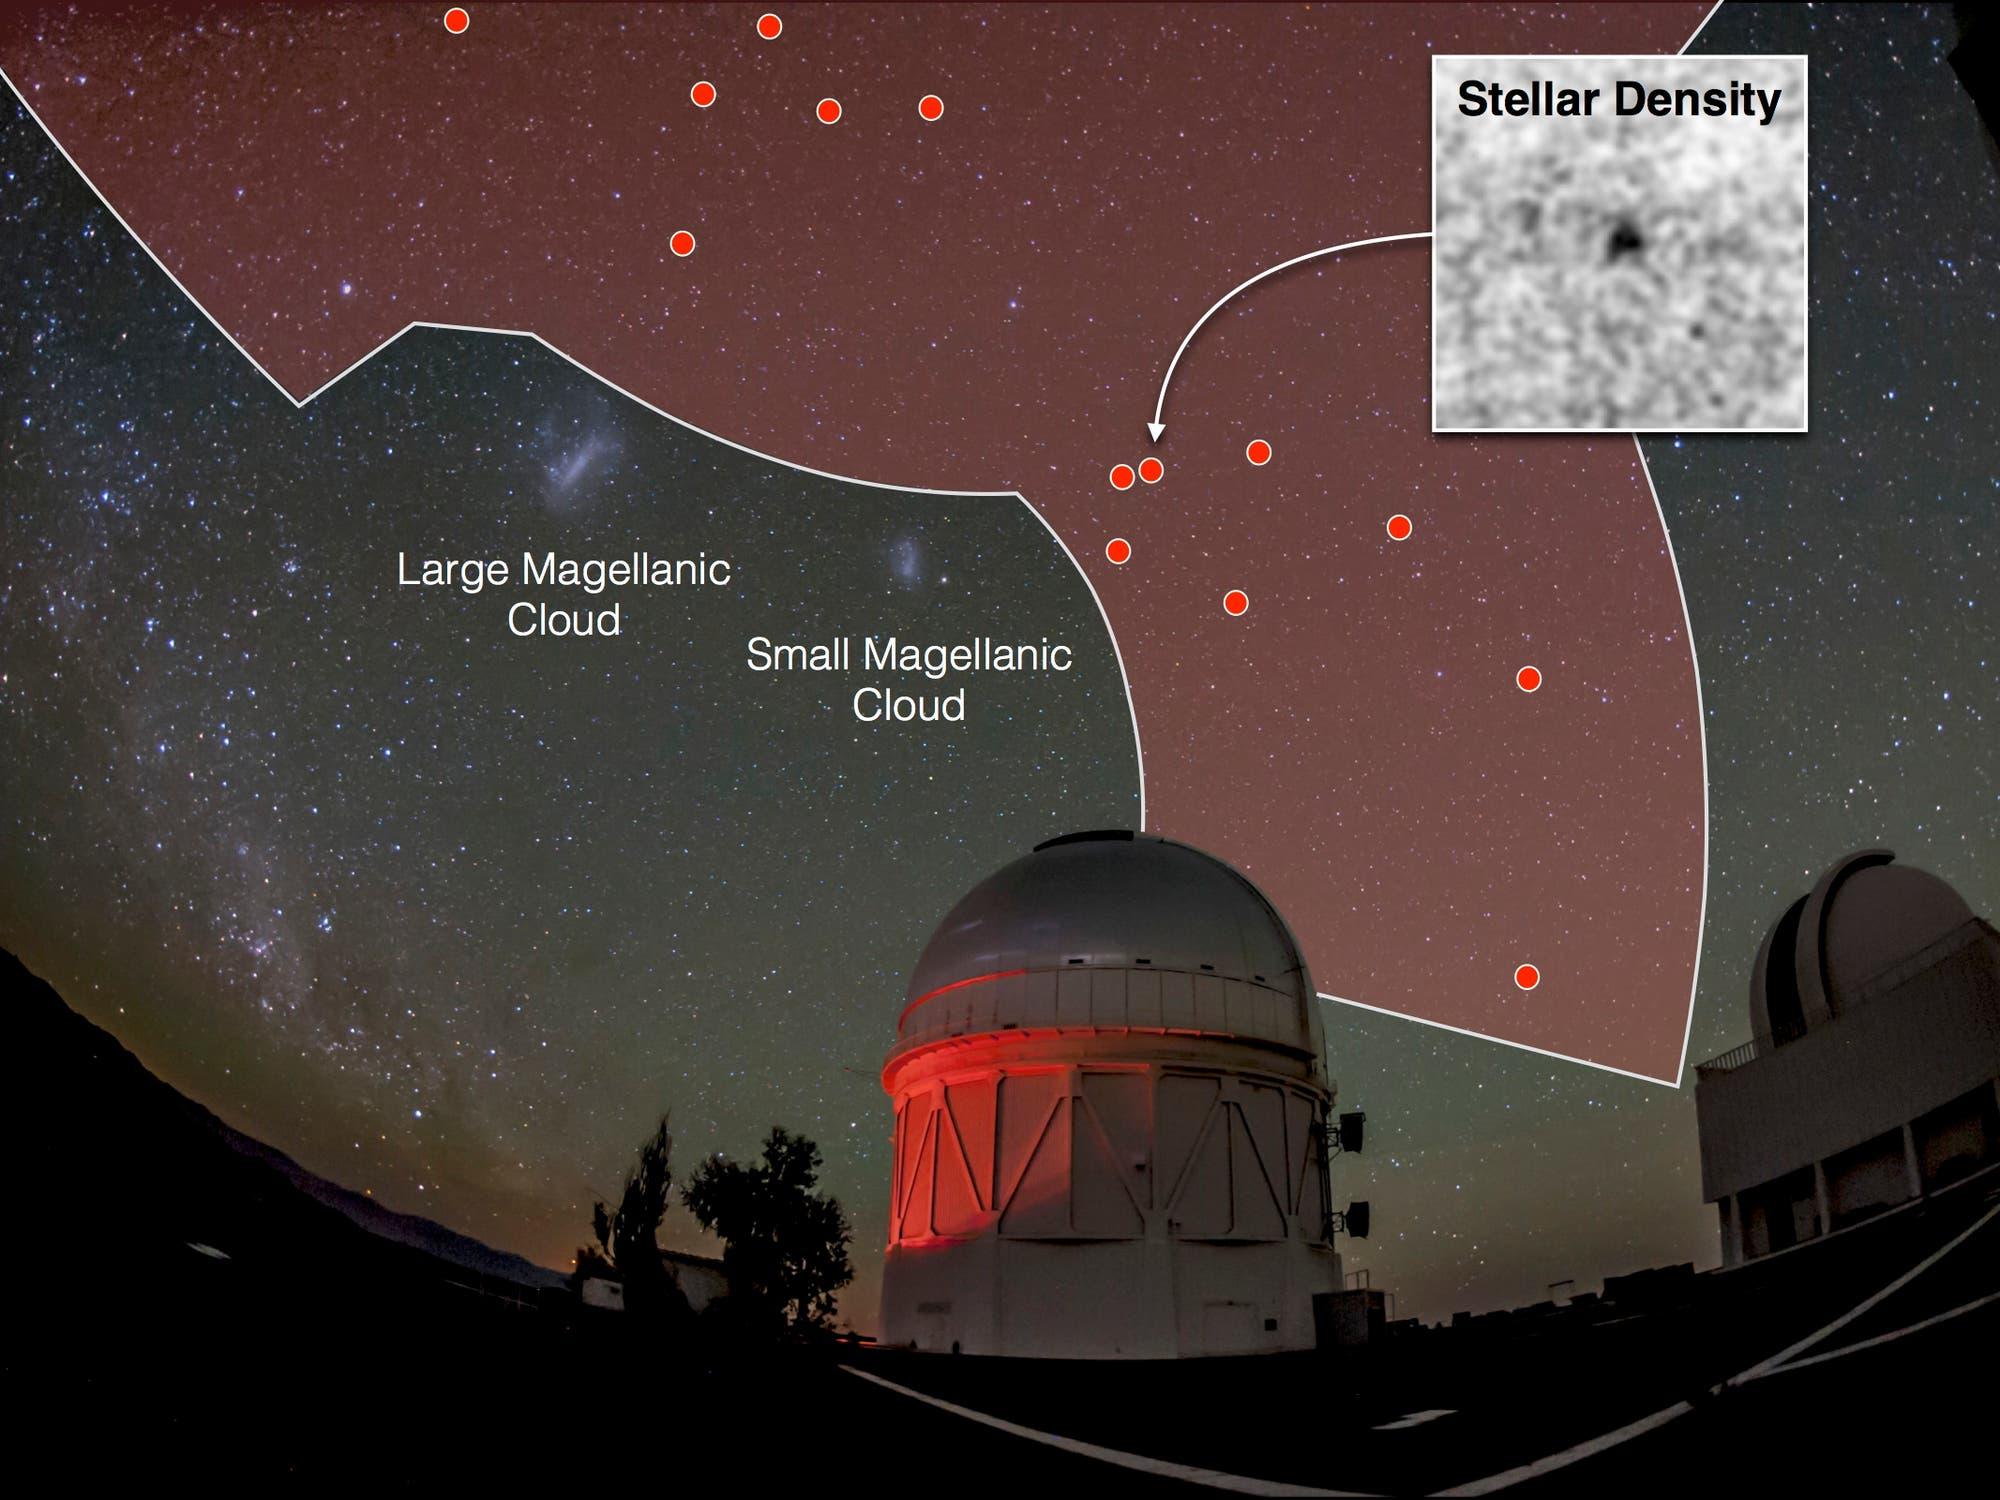 Leuchtschwache Zwerggalaxien im Umfeld unseres Milchstraßensystems (Übersichtskarte)